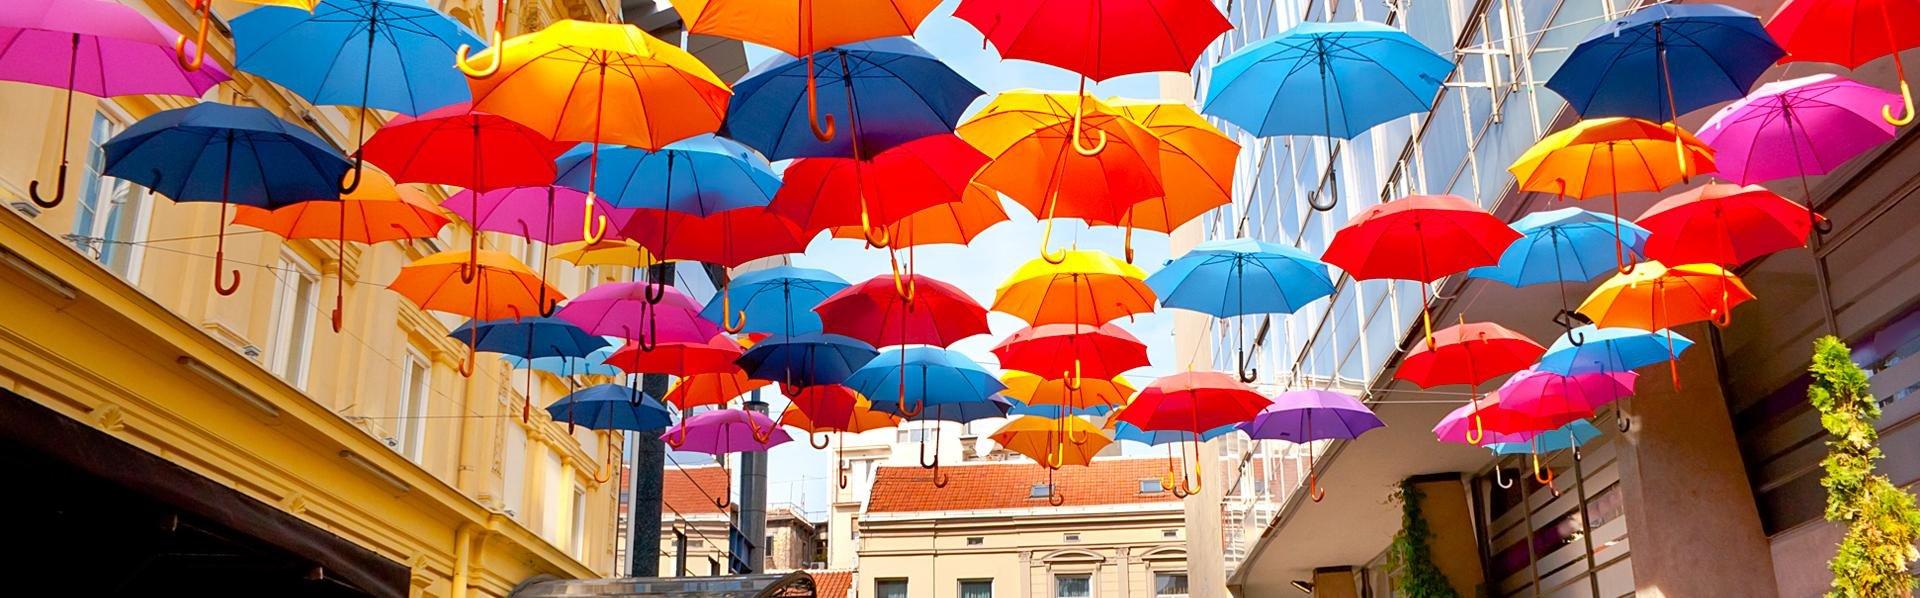 Kleurrijk Belgrado, Servië